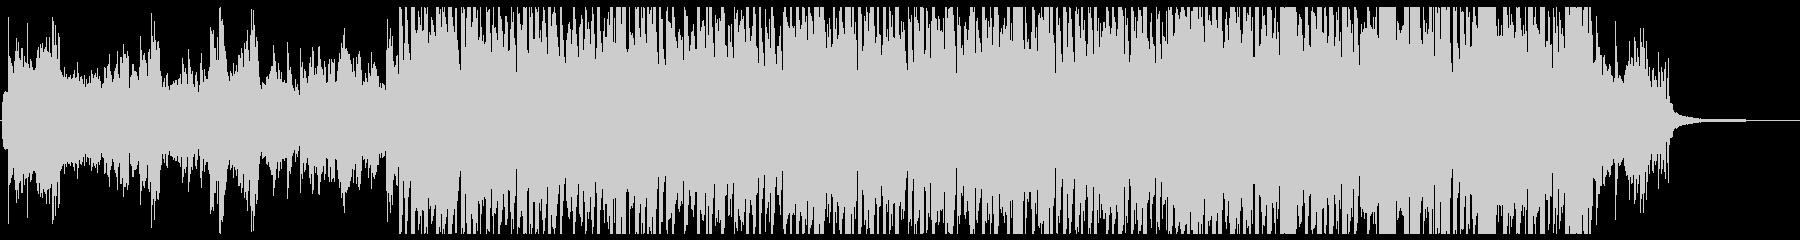 スローなピアノインスト曲の未再生の波形